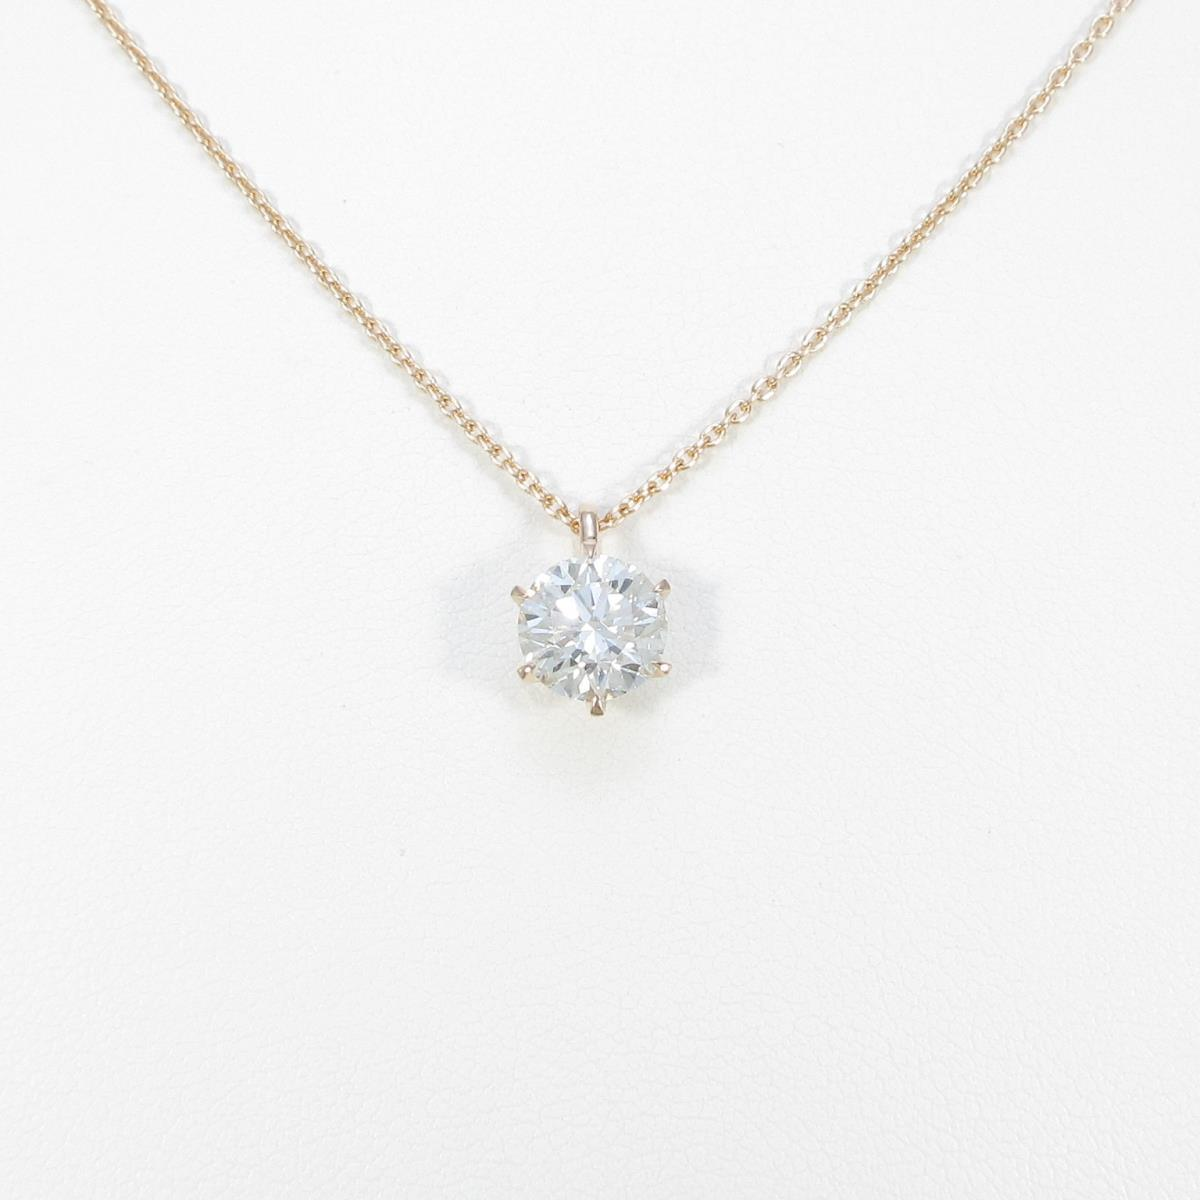 【リメイク】K18PG ダイヤモンドネックレス 1.583ct・J・SI1・VG【中古】